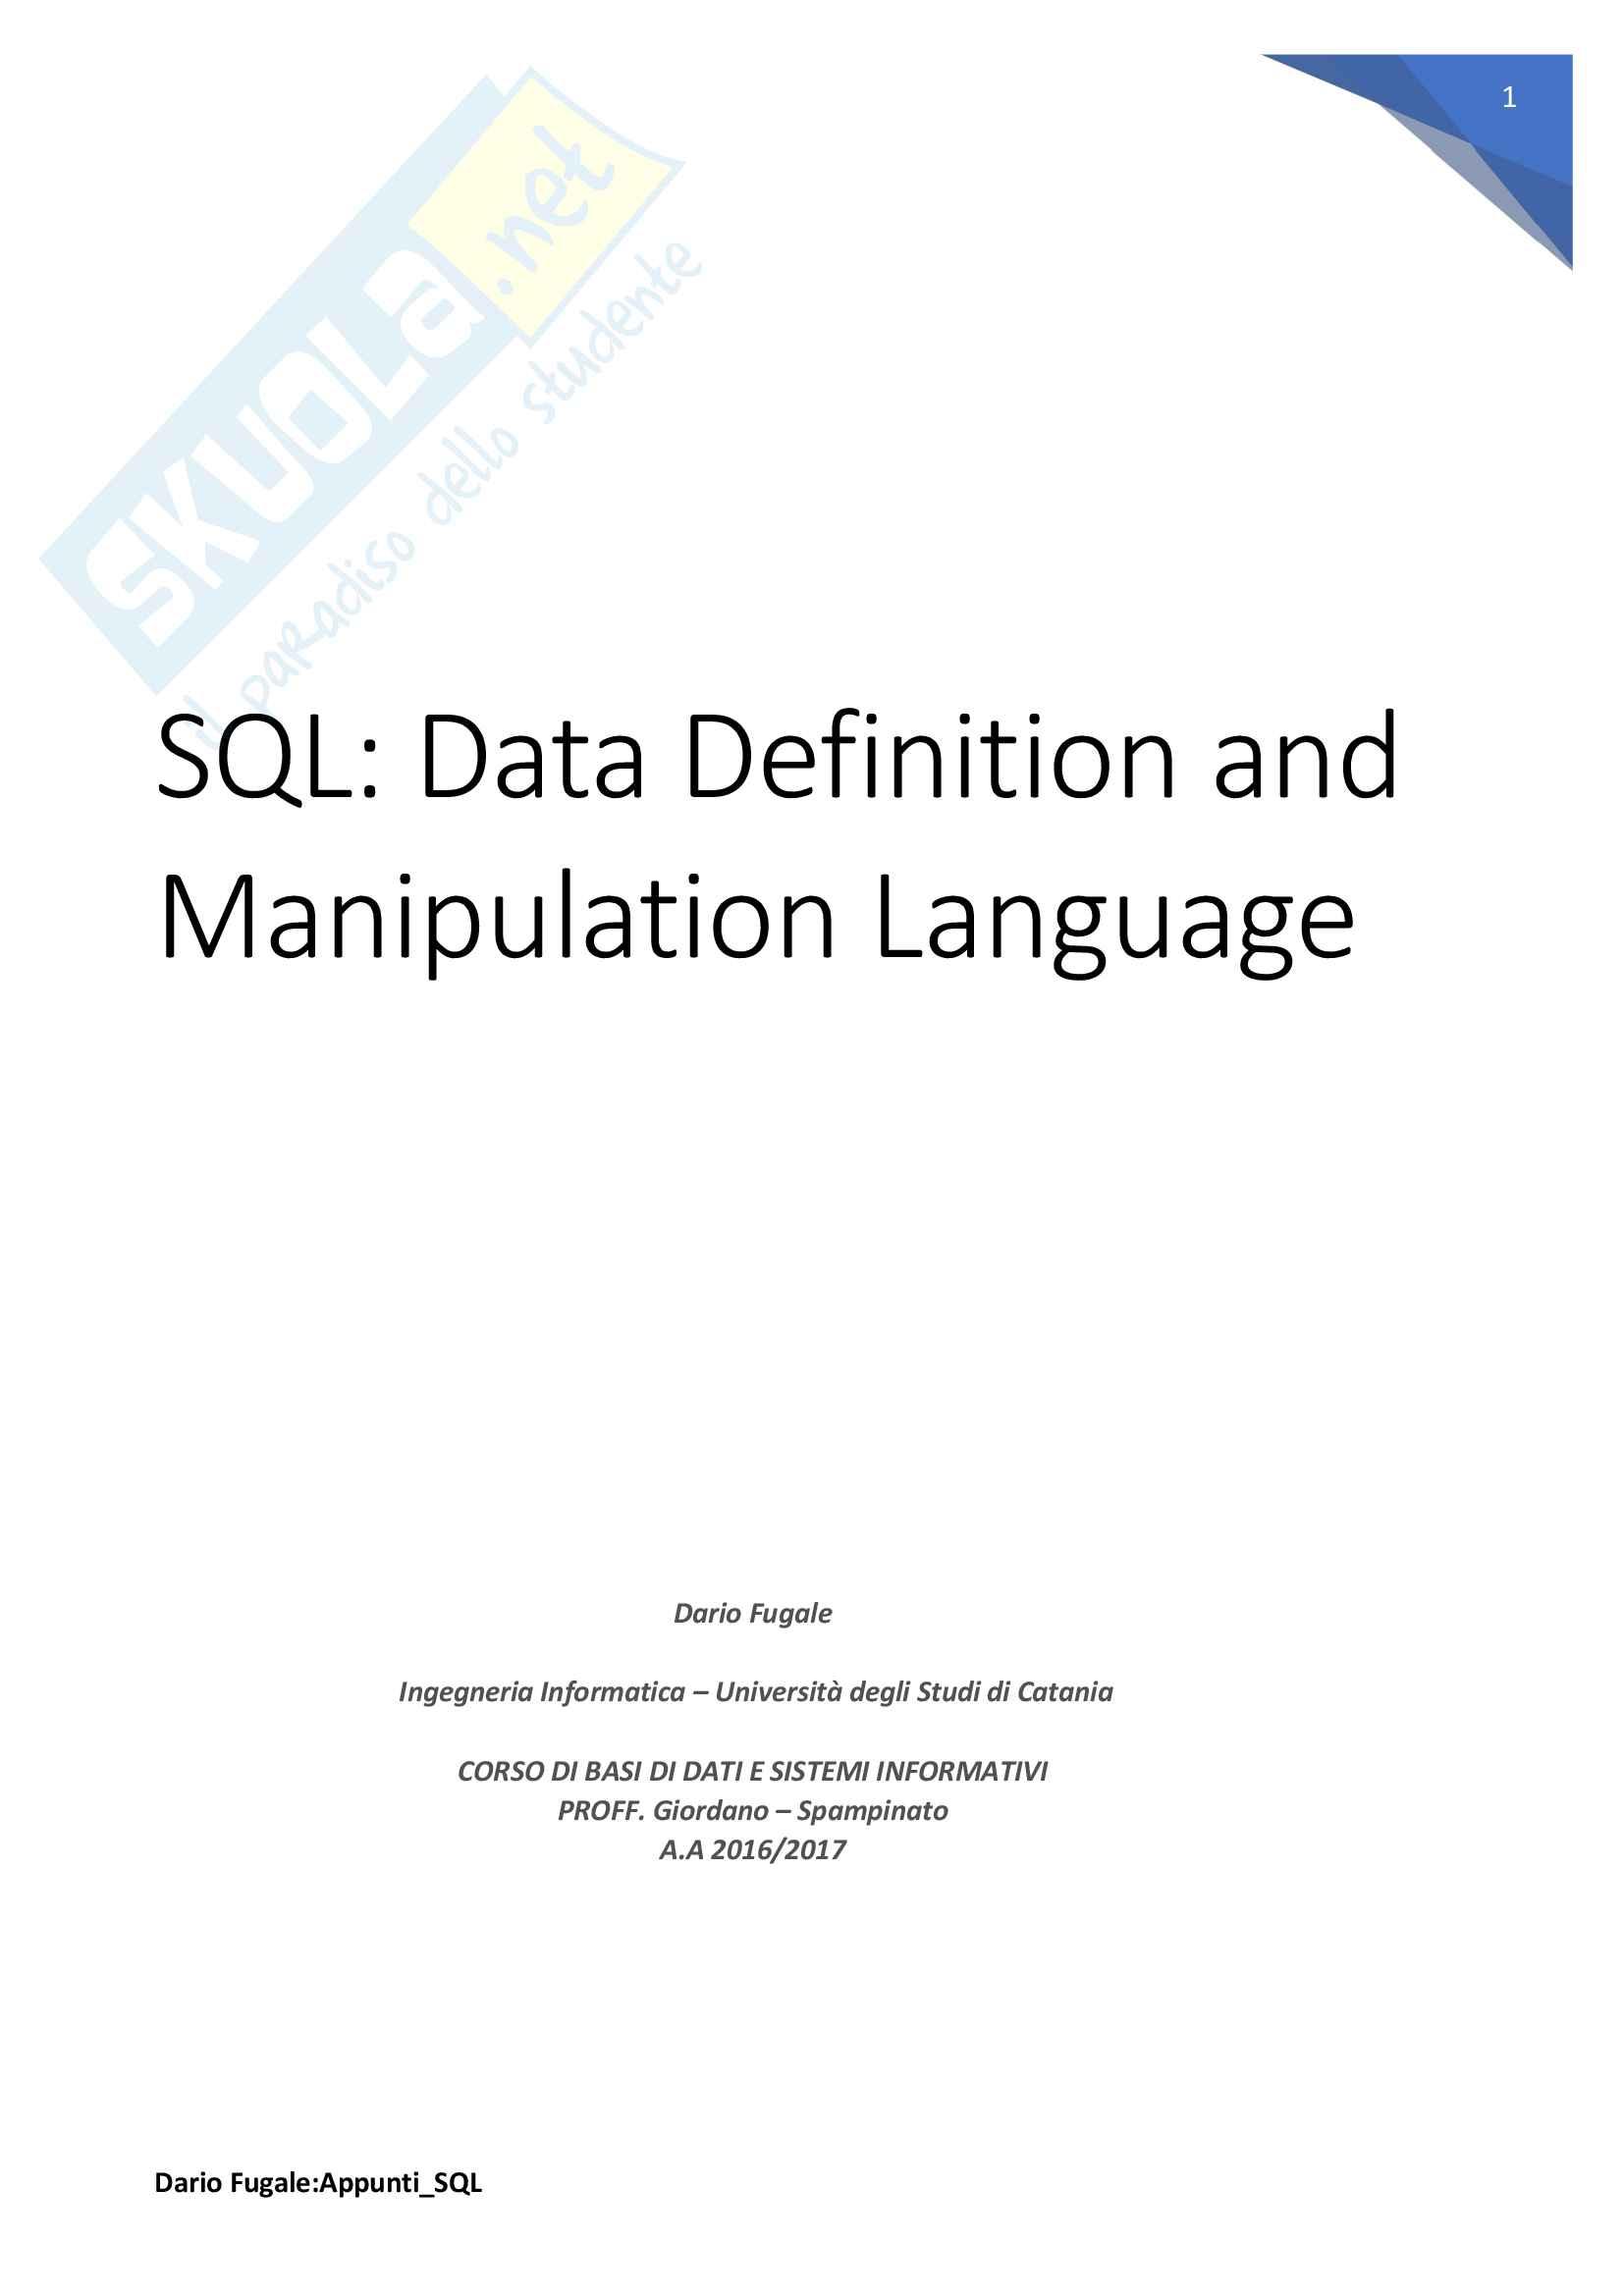 Appunti SQL